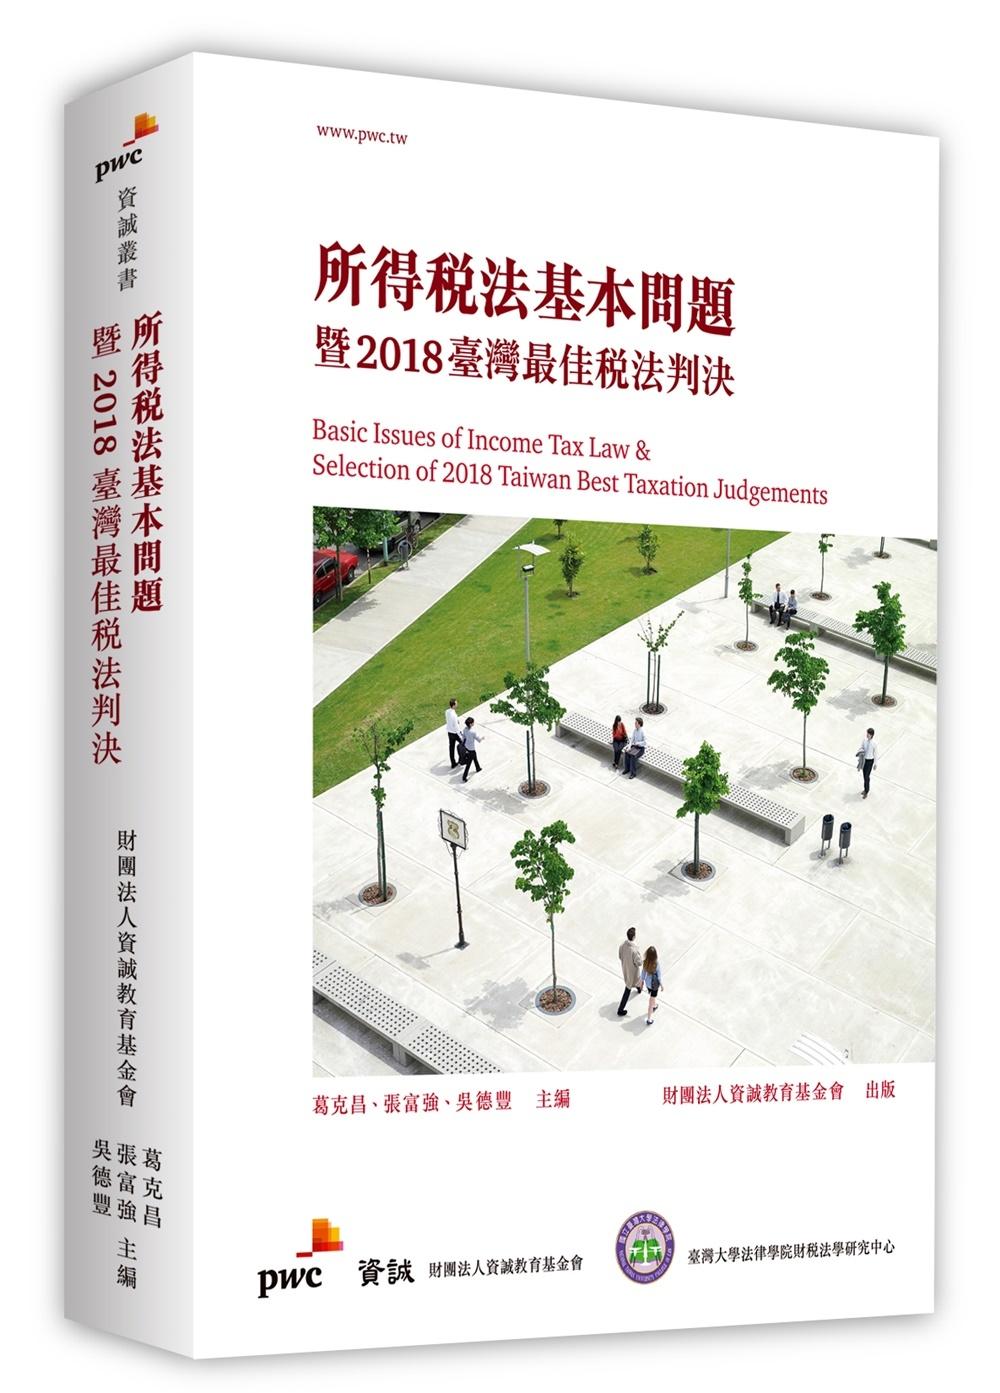 所得稅法基本問題暨2018臺灣最佳稅法判決